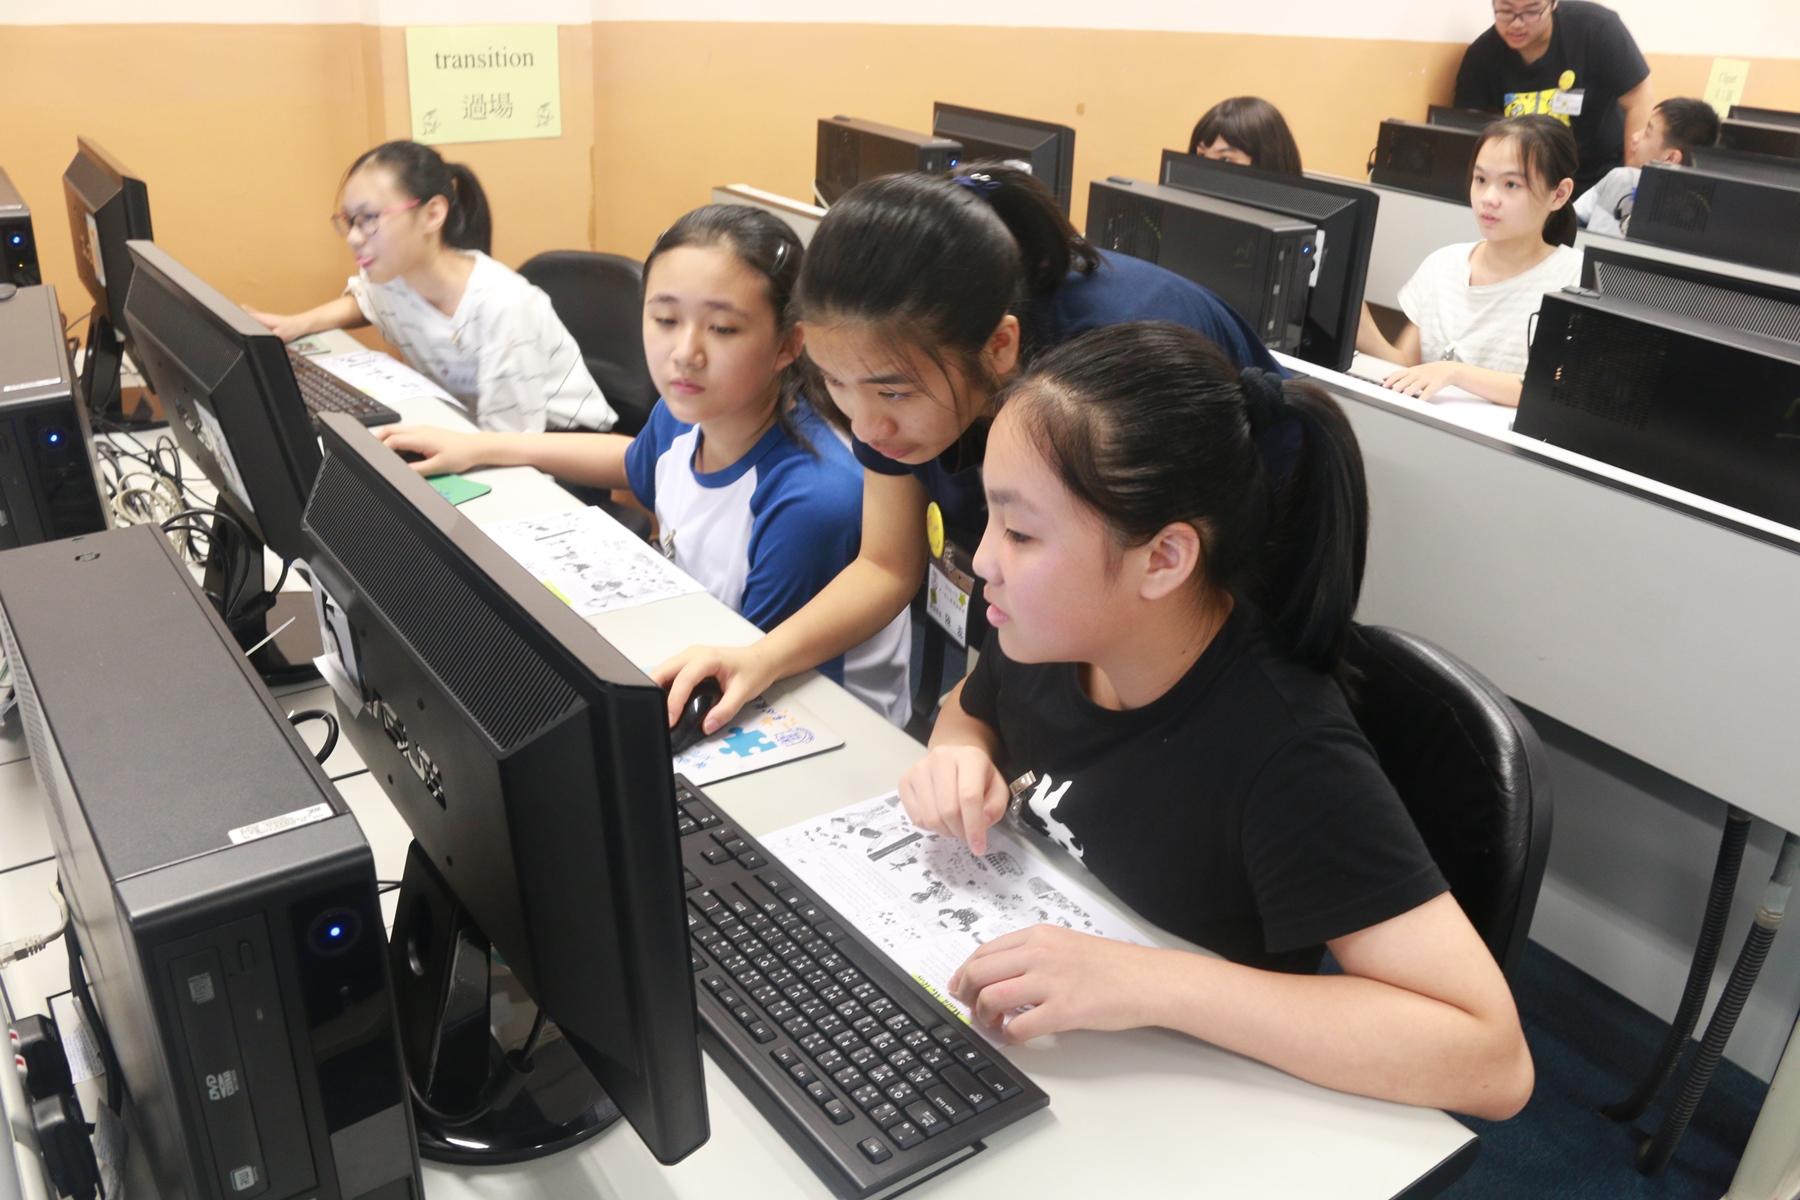 https://www.npc.edu.hk/sites/default/files/1a_it_05.jpg